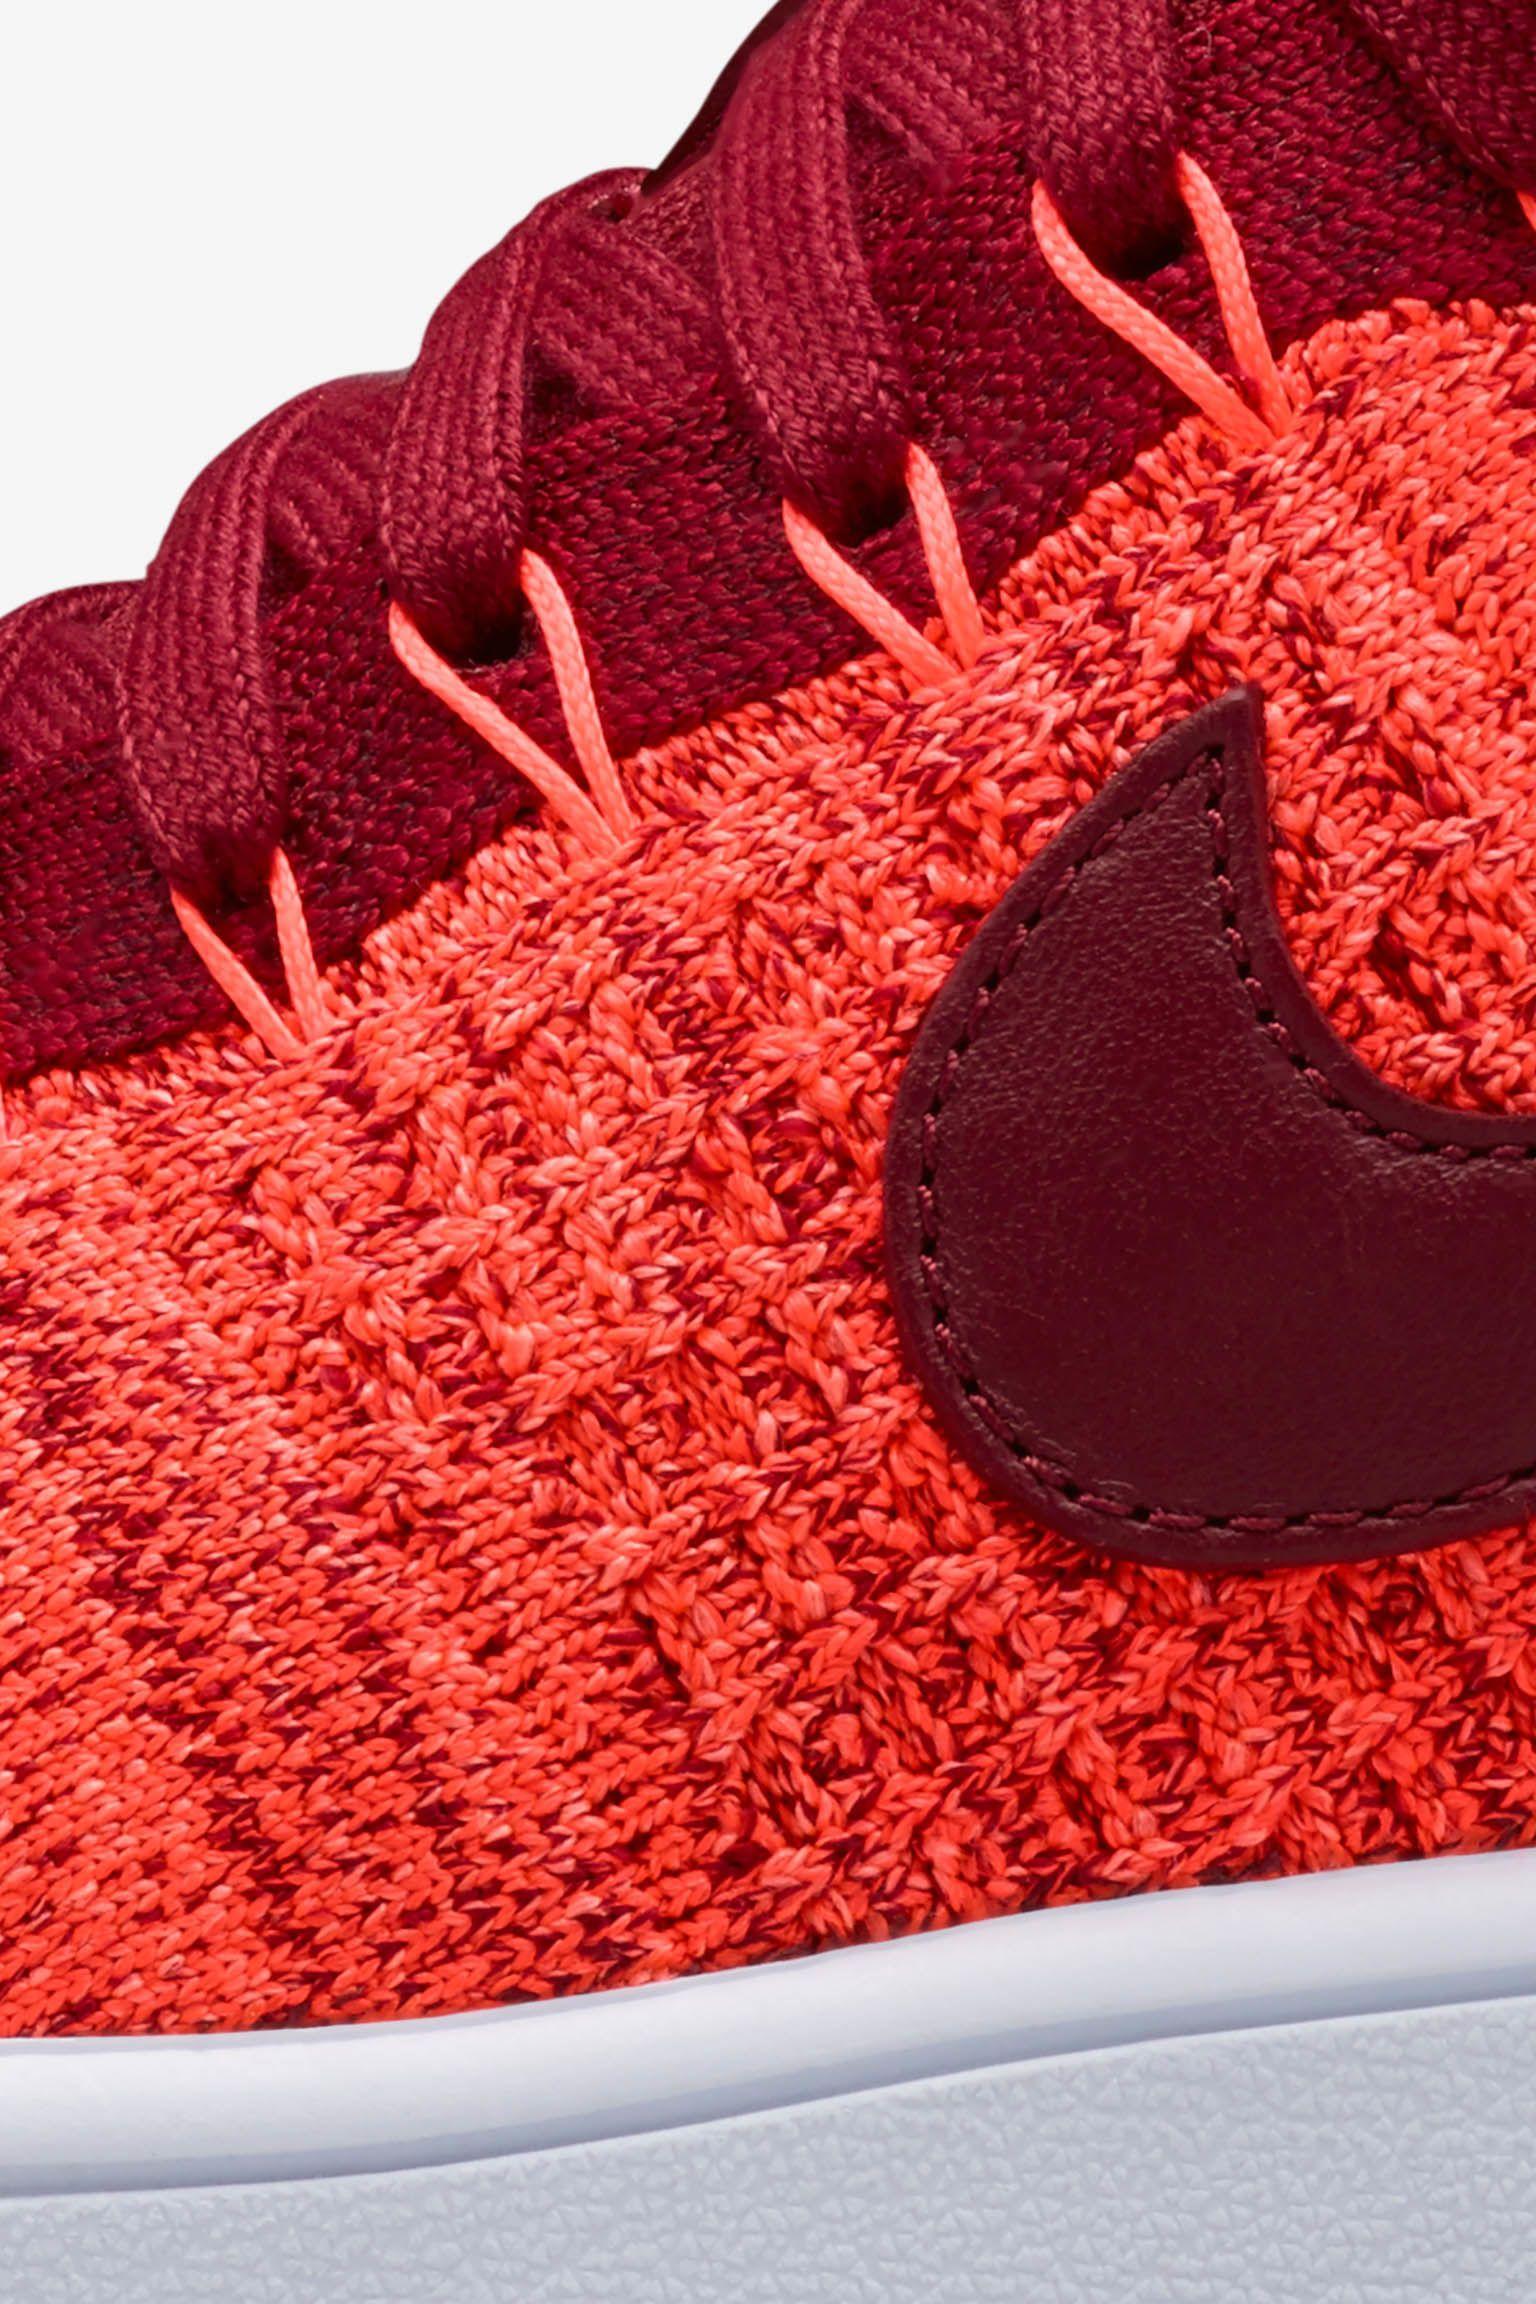 Women's Nike Air Force 1 Ultra Flyknit 'Total Crimson' Release Date